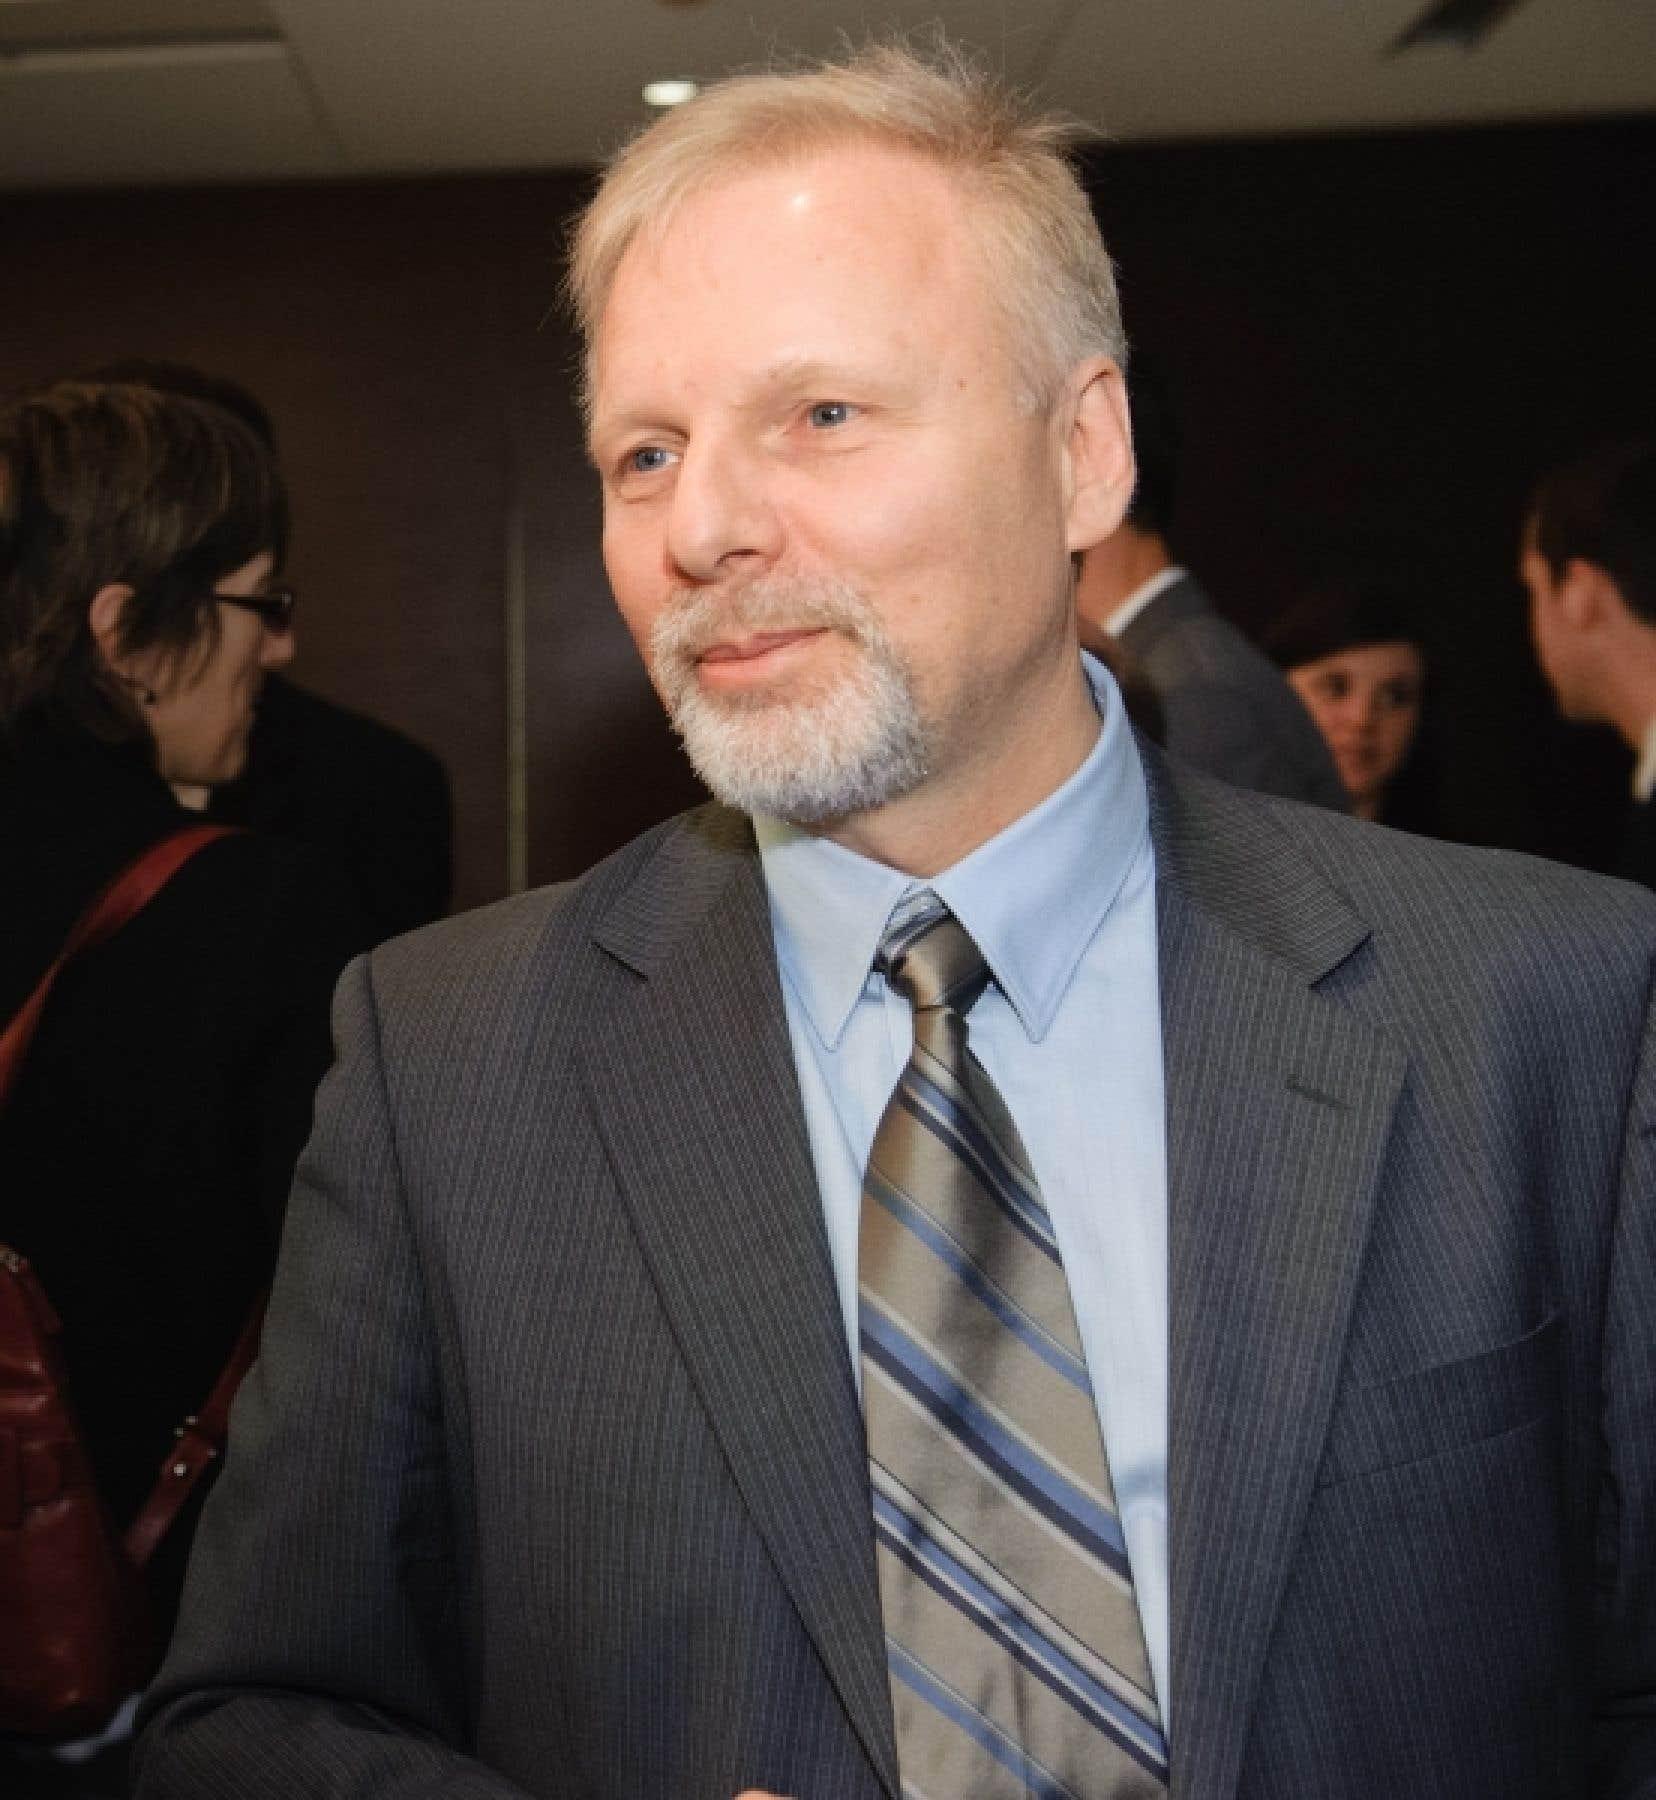 Le journaliste Jean-François Lisée sera candidat du PQ dans Rosemont lors des prochaines élections provinciales.